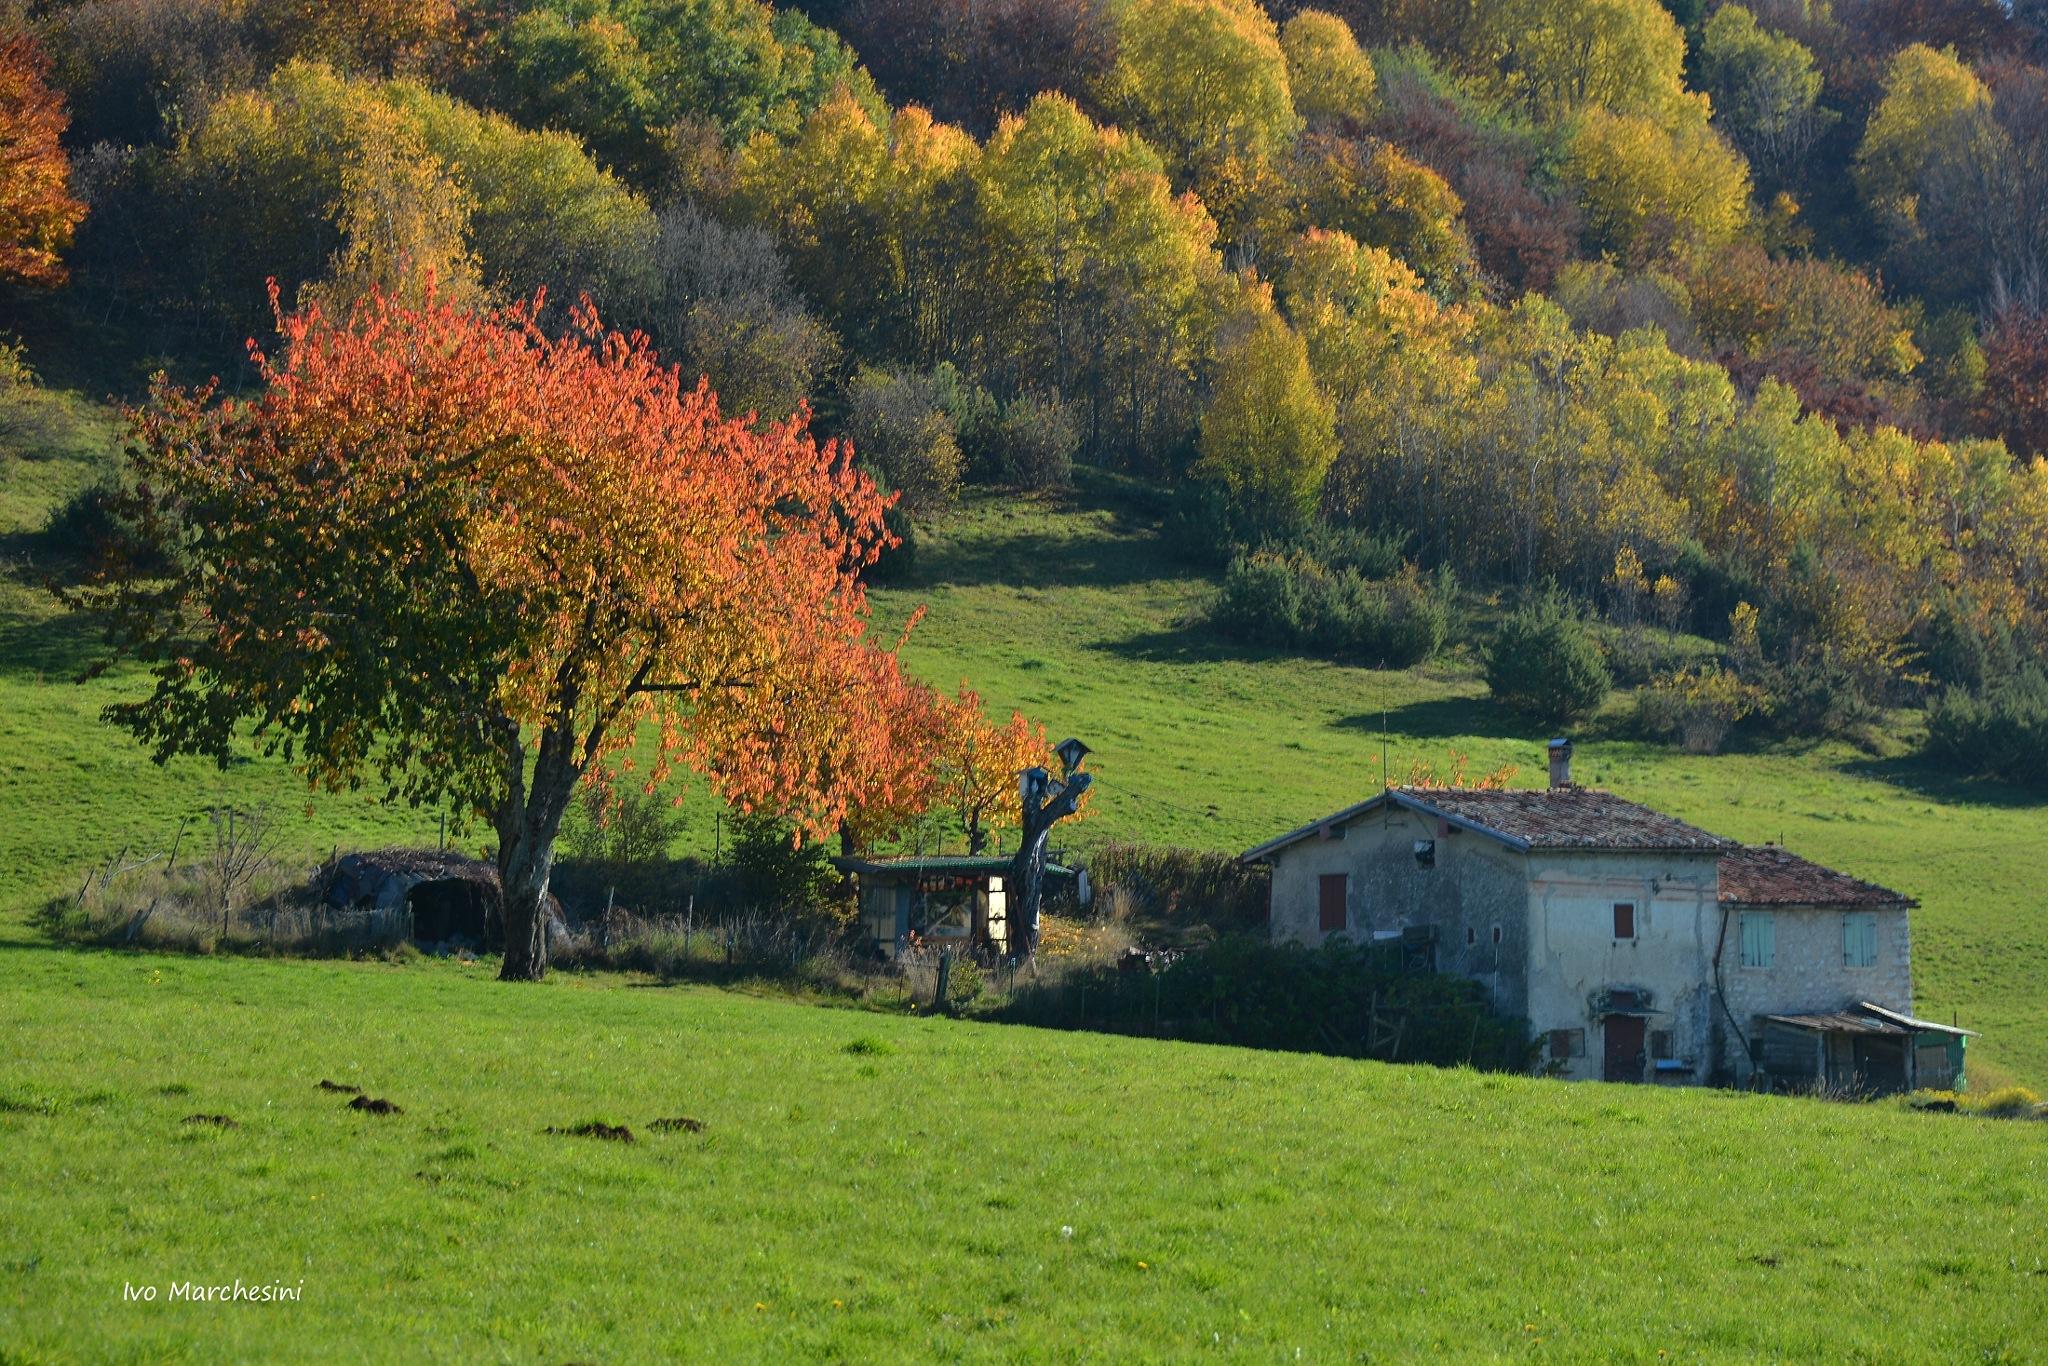 Autumn by ivomarkes